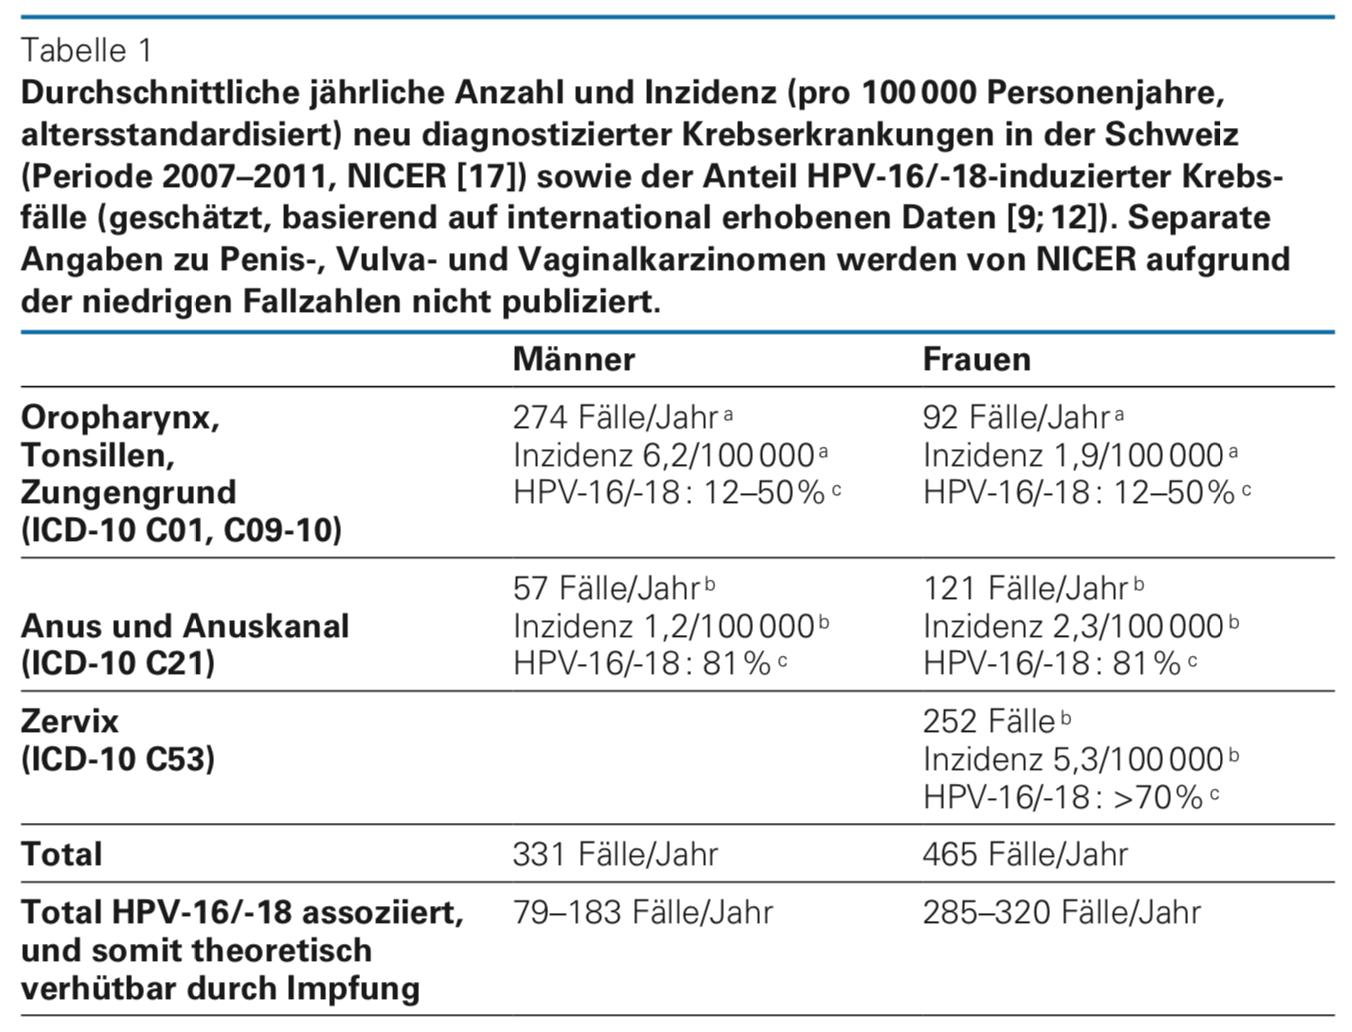 hpv impfung wenn schon infiziert)